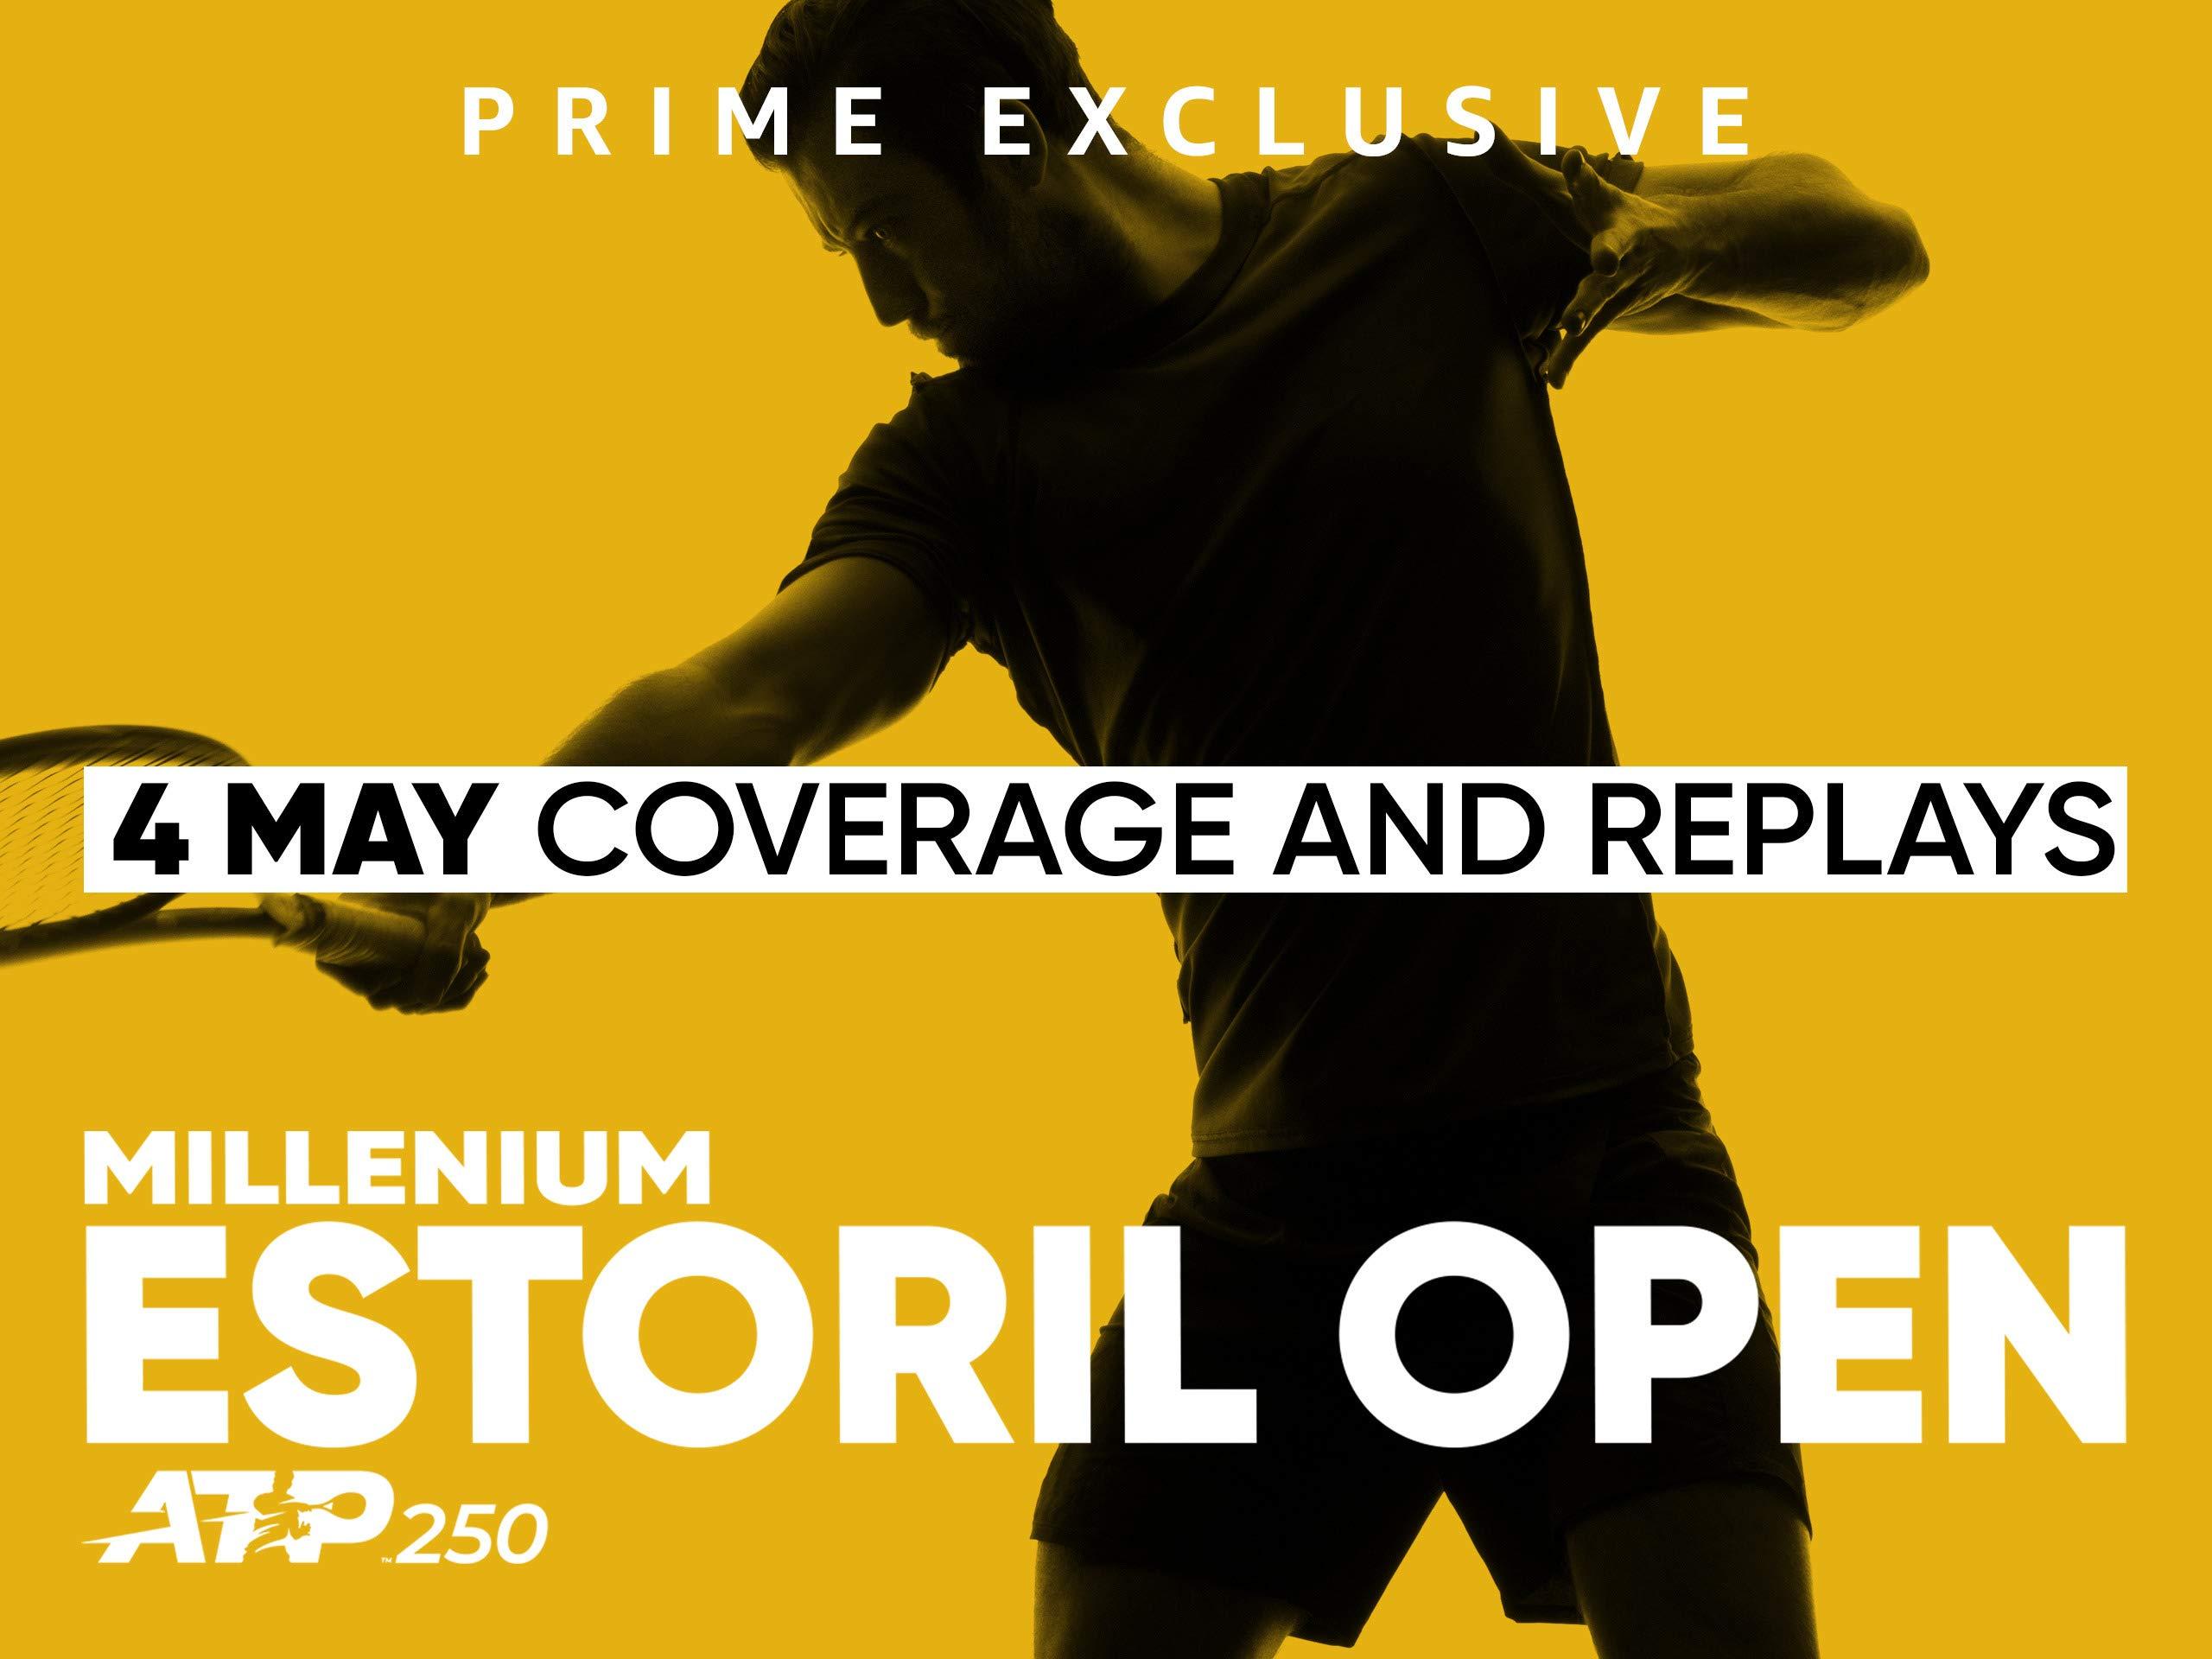 2019 Millennium Estoril Open, ATP 250 - Day 6